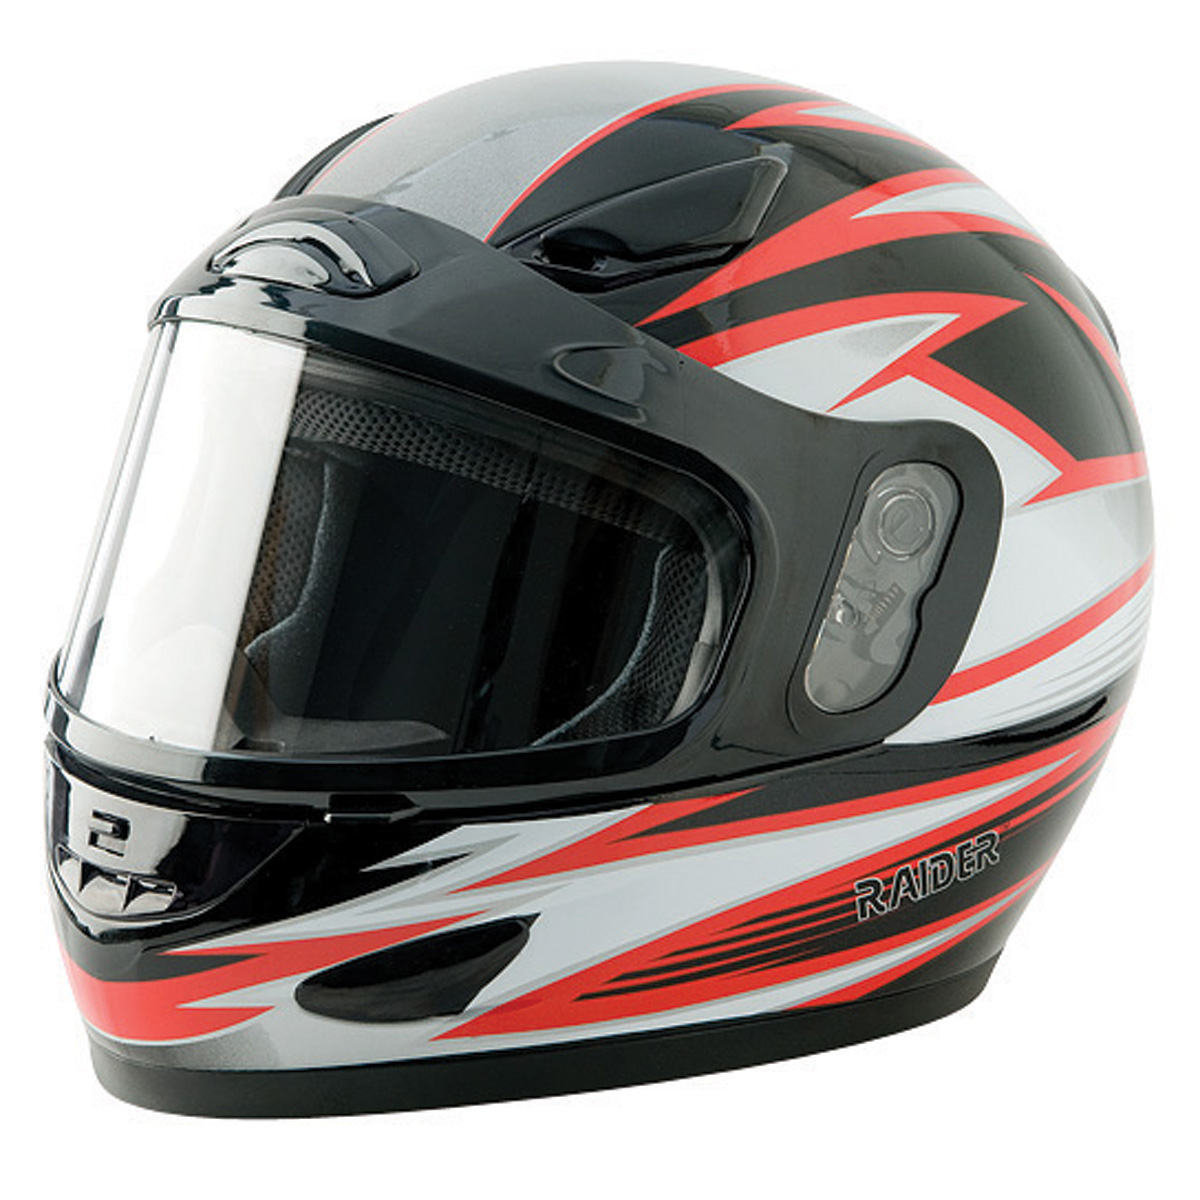 Raider Full Face Snowmobile Helmet Dual Pane Shield Breat...